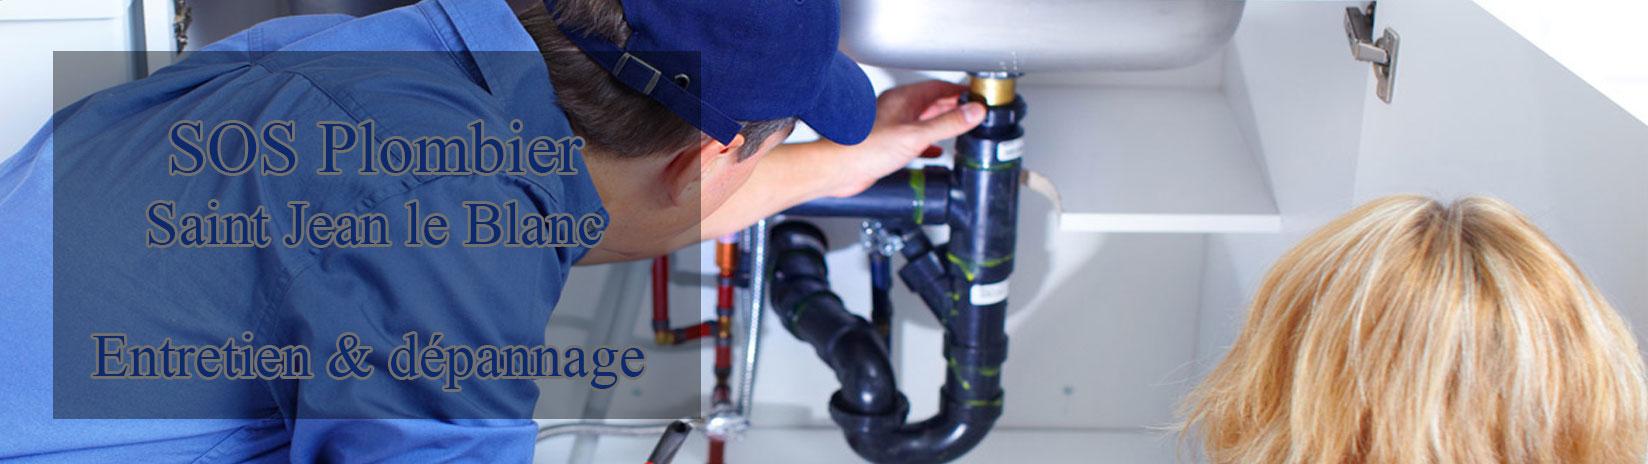 plombier saint jean le blanc d pannage plomberie st jean le blanc 45650 en urgence. Black Bedroom Furniture Sets. Home Design Ideas